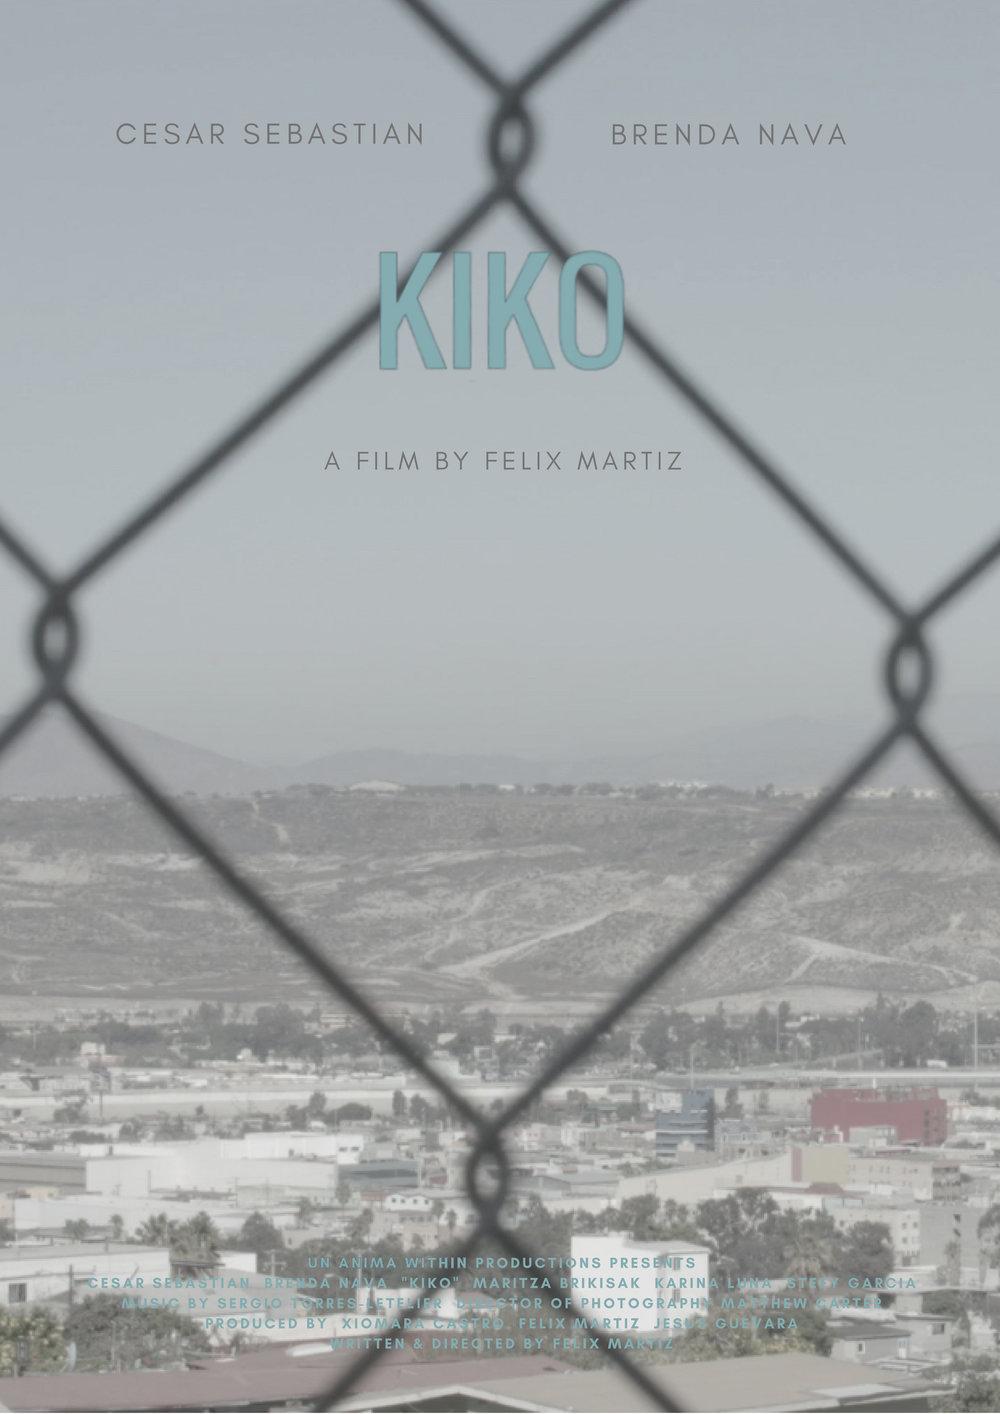 Kiko Poster.jpg